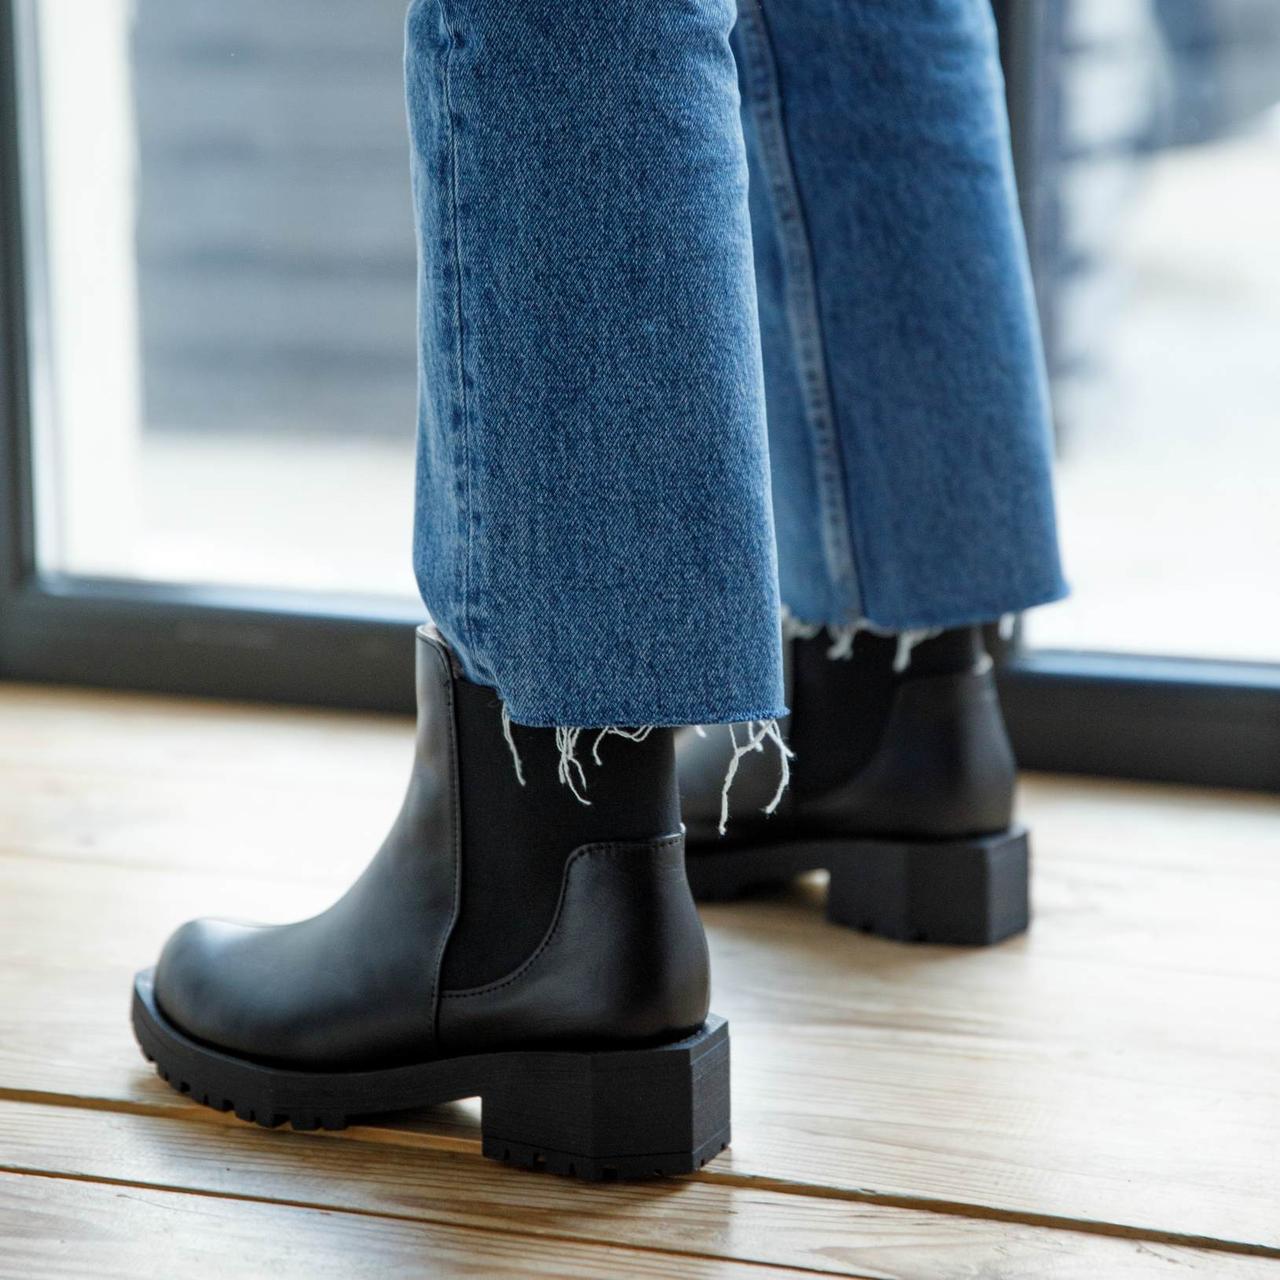 Ботинки женские кожаные на низком каблуке. Утеплитель на выбор